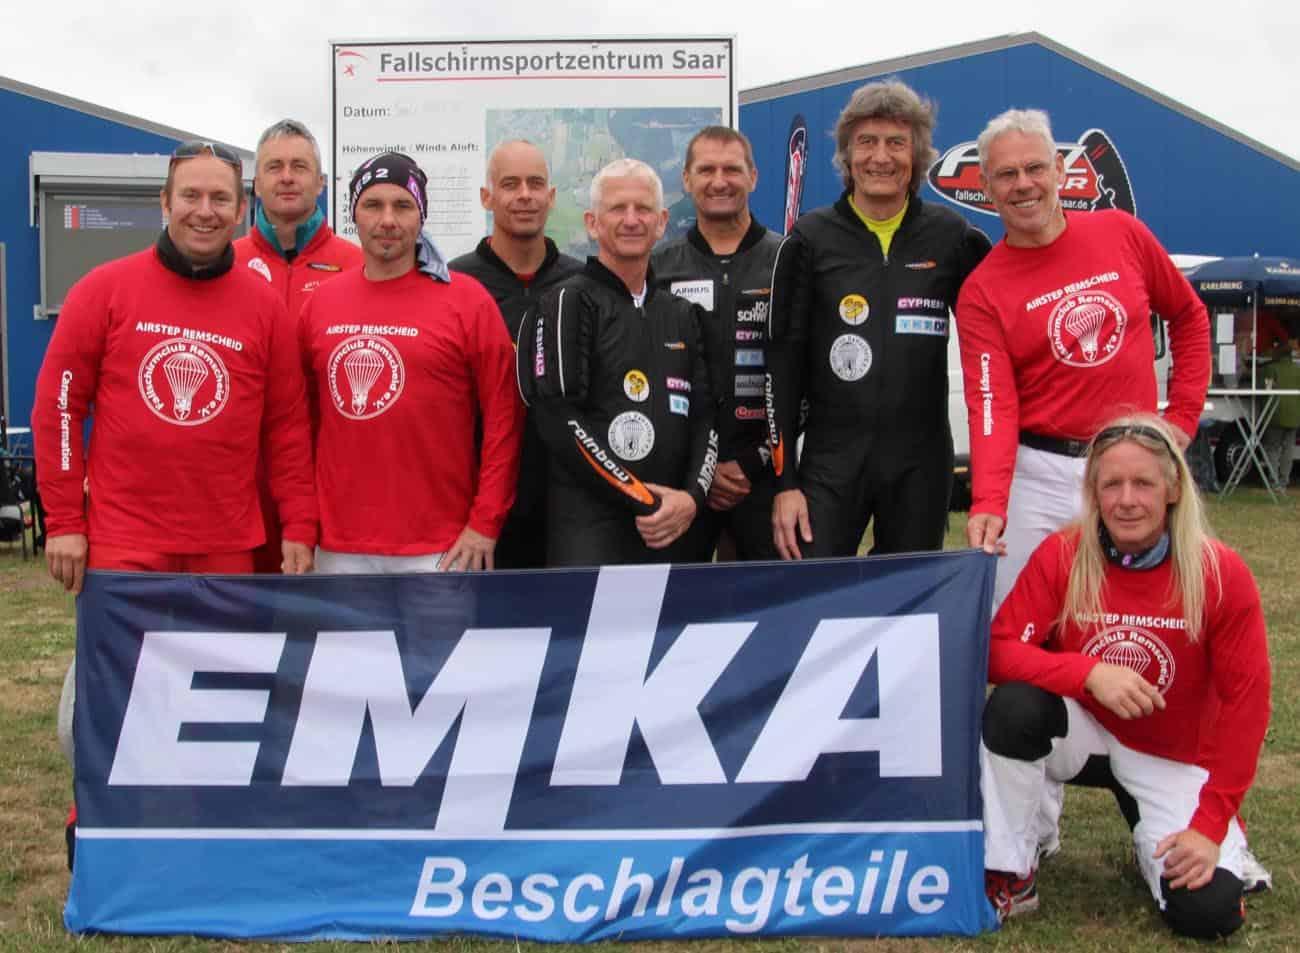 Unsere beiden Vierer-Teams von links: Björn Schubnell, Peter Hormuth, Thomas Rohde-Seelbinder, Steffen Schiedek, Kai Wolf, Thomas Spielvogel, Uli Sehrbrock, Tom Brand und Peter Wohlers